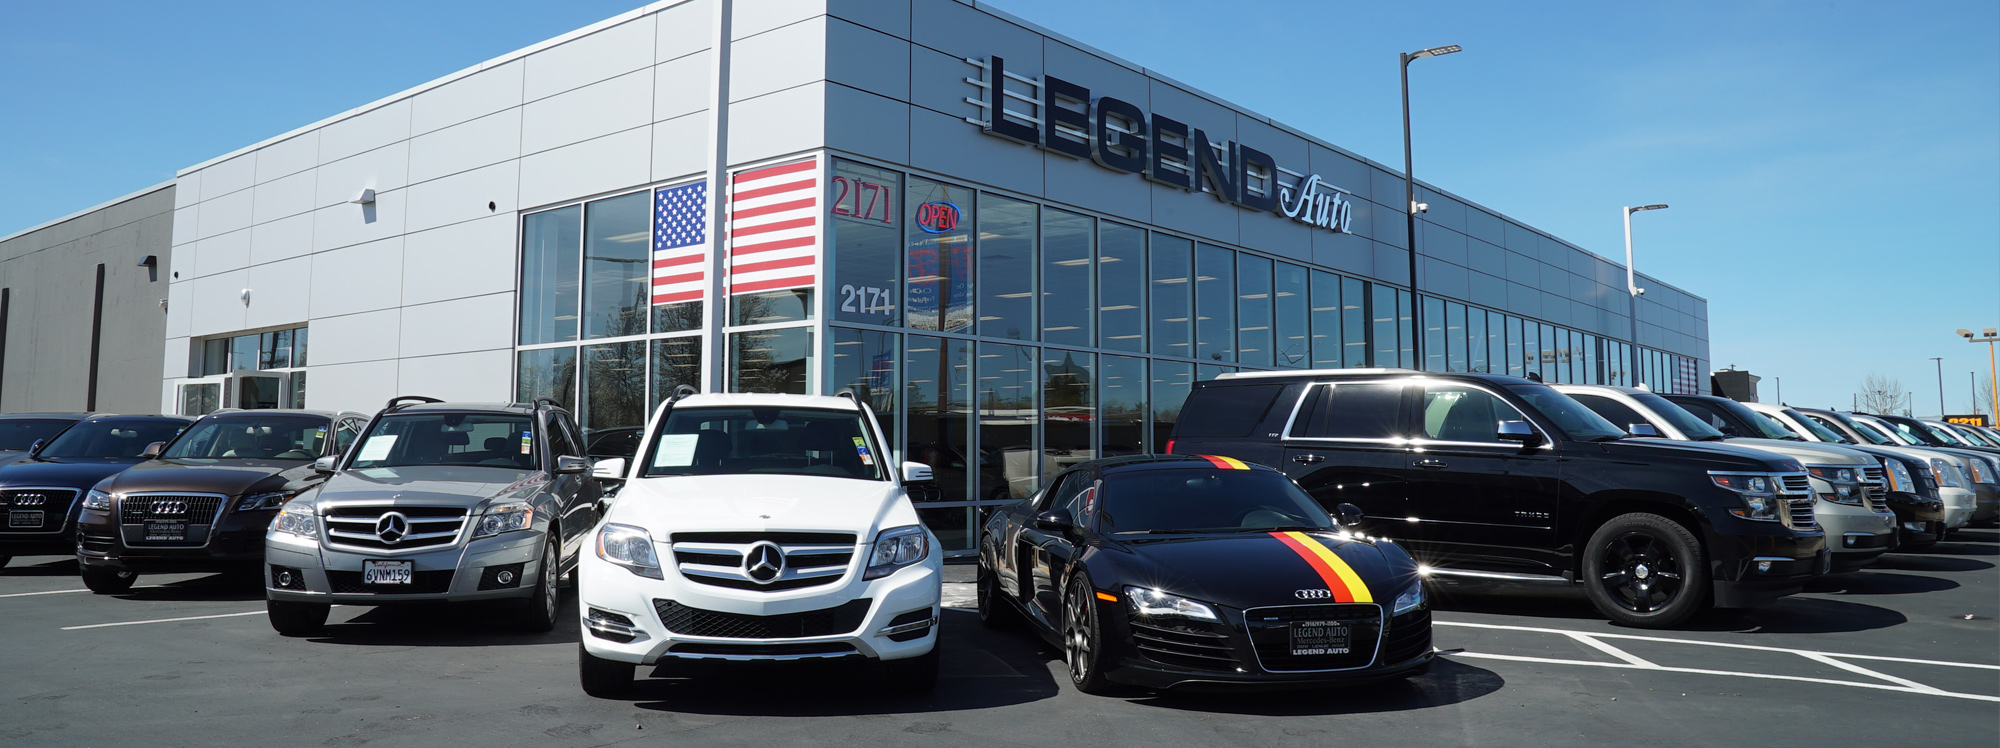 Legend Auto - Used Cars - Sacramento CA Dealer